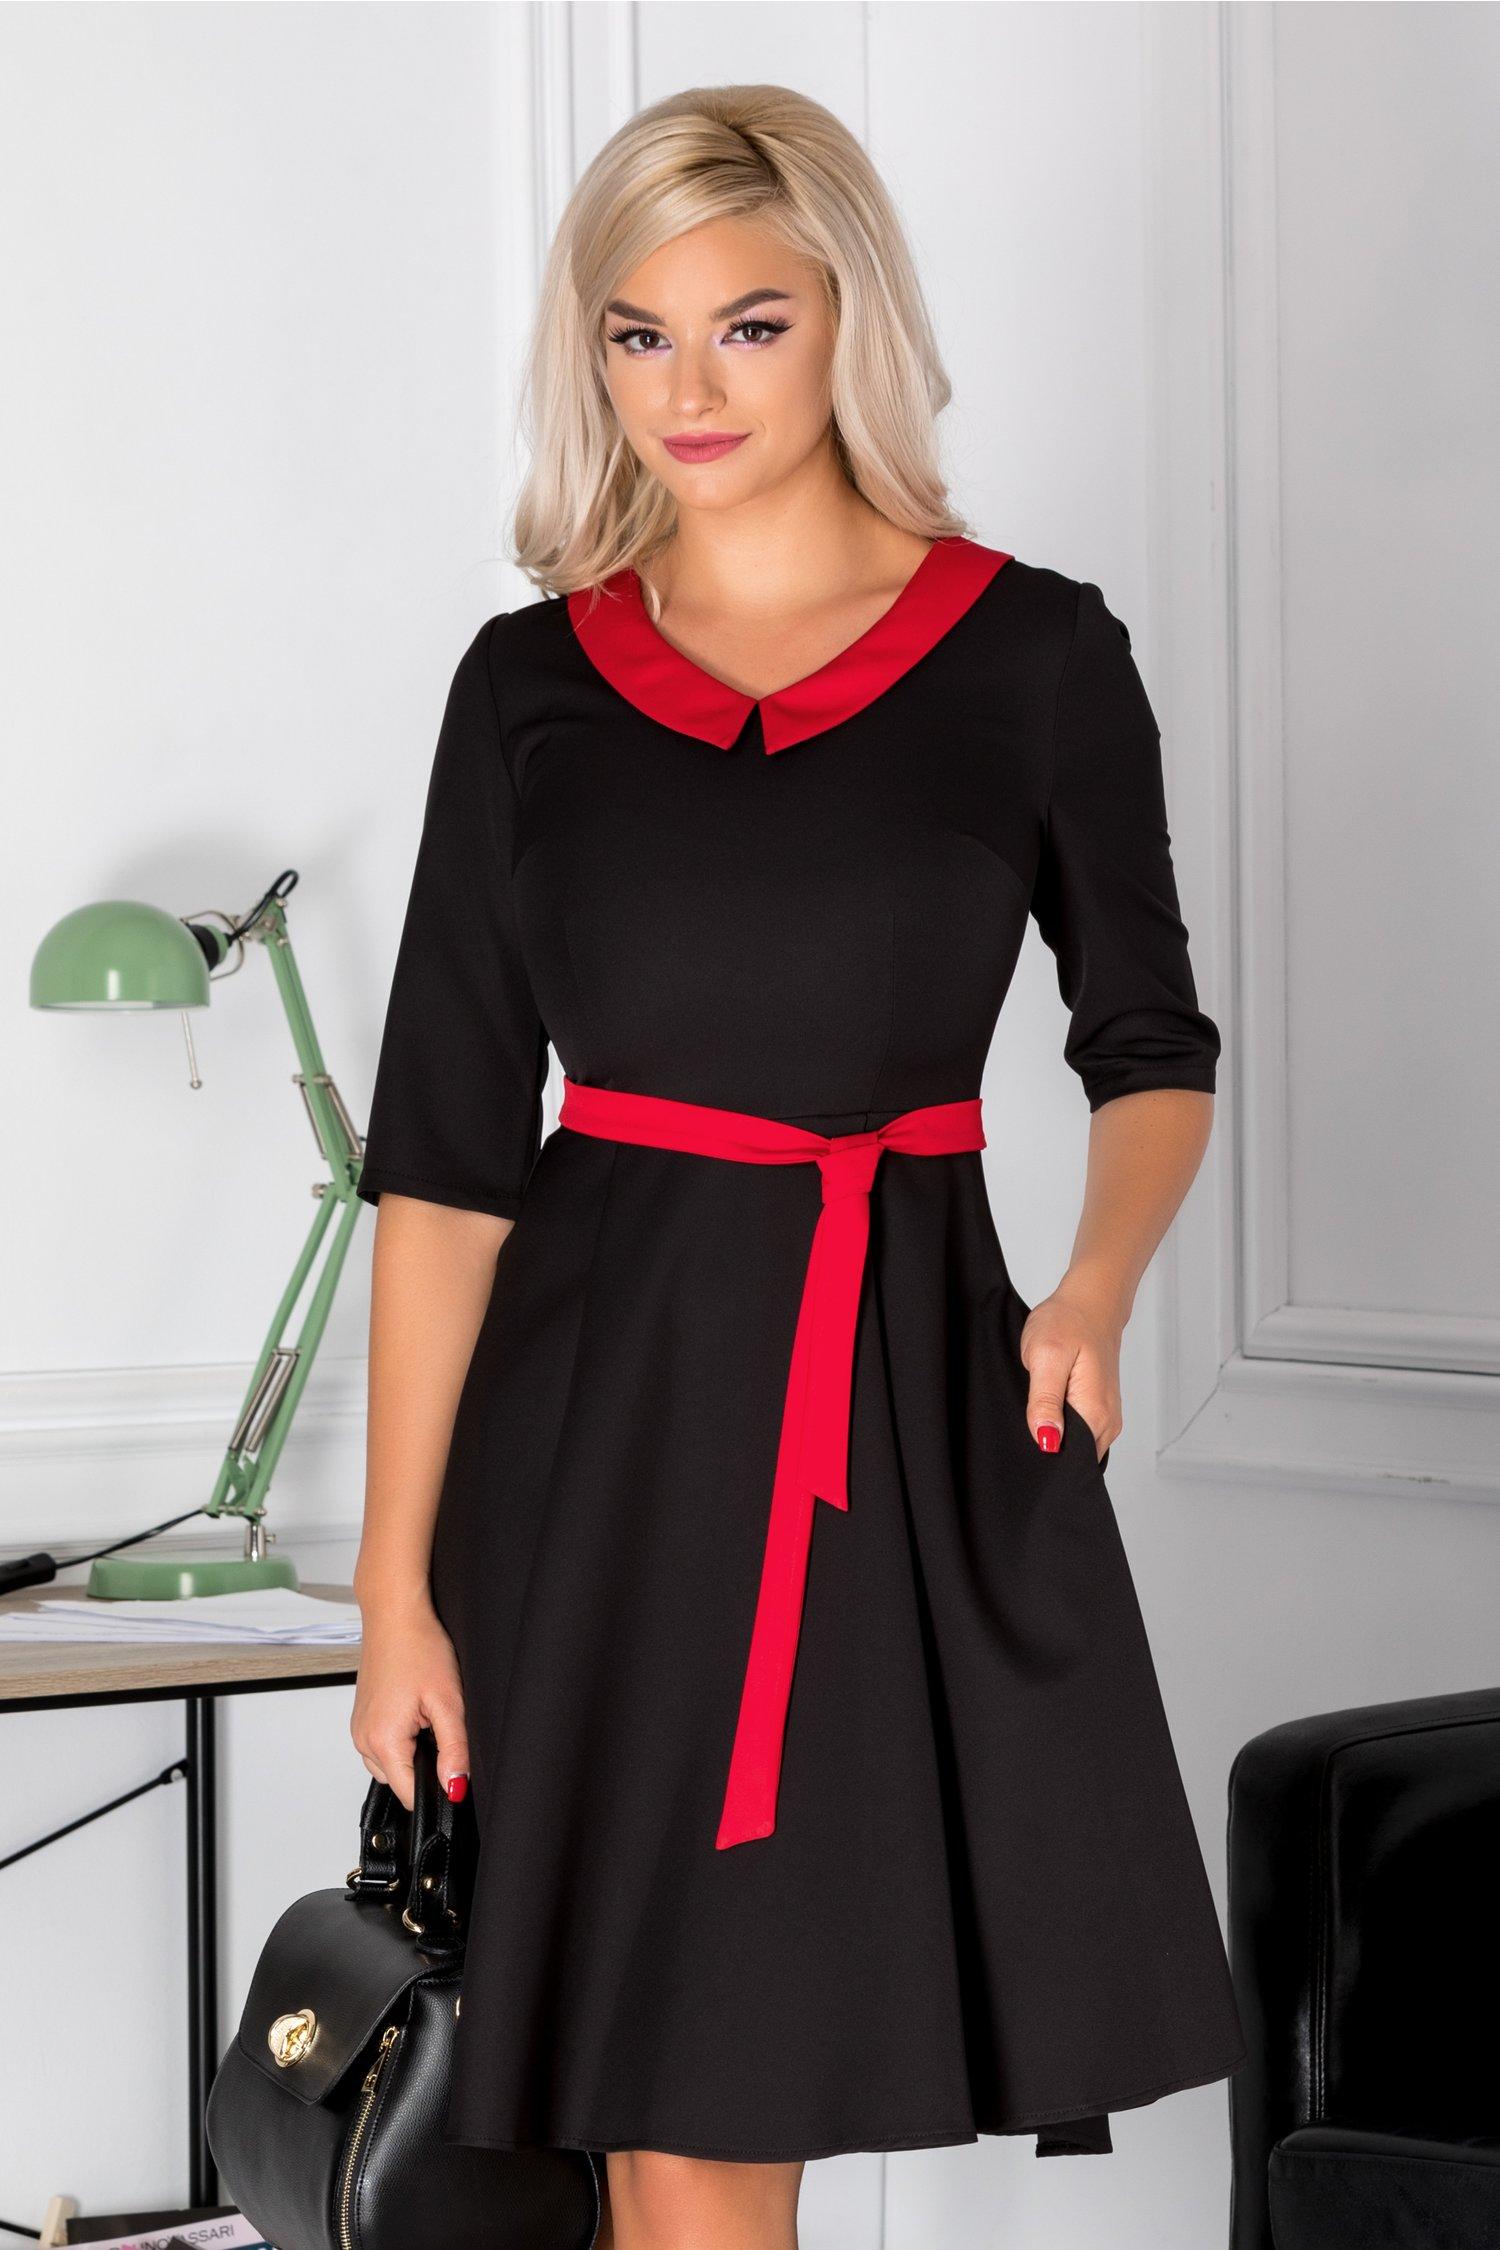 Rochie Blanca clos neagra cu guler rosu